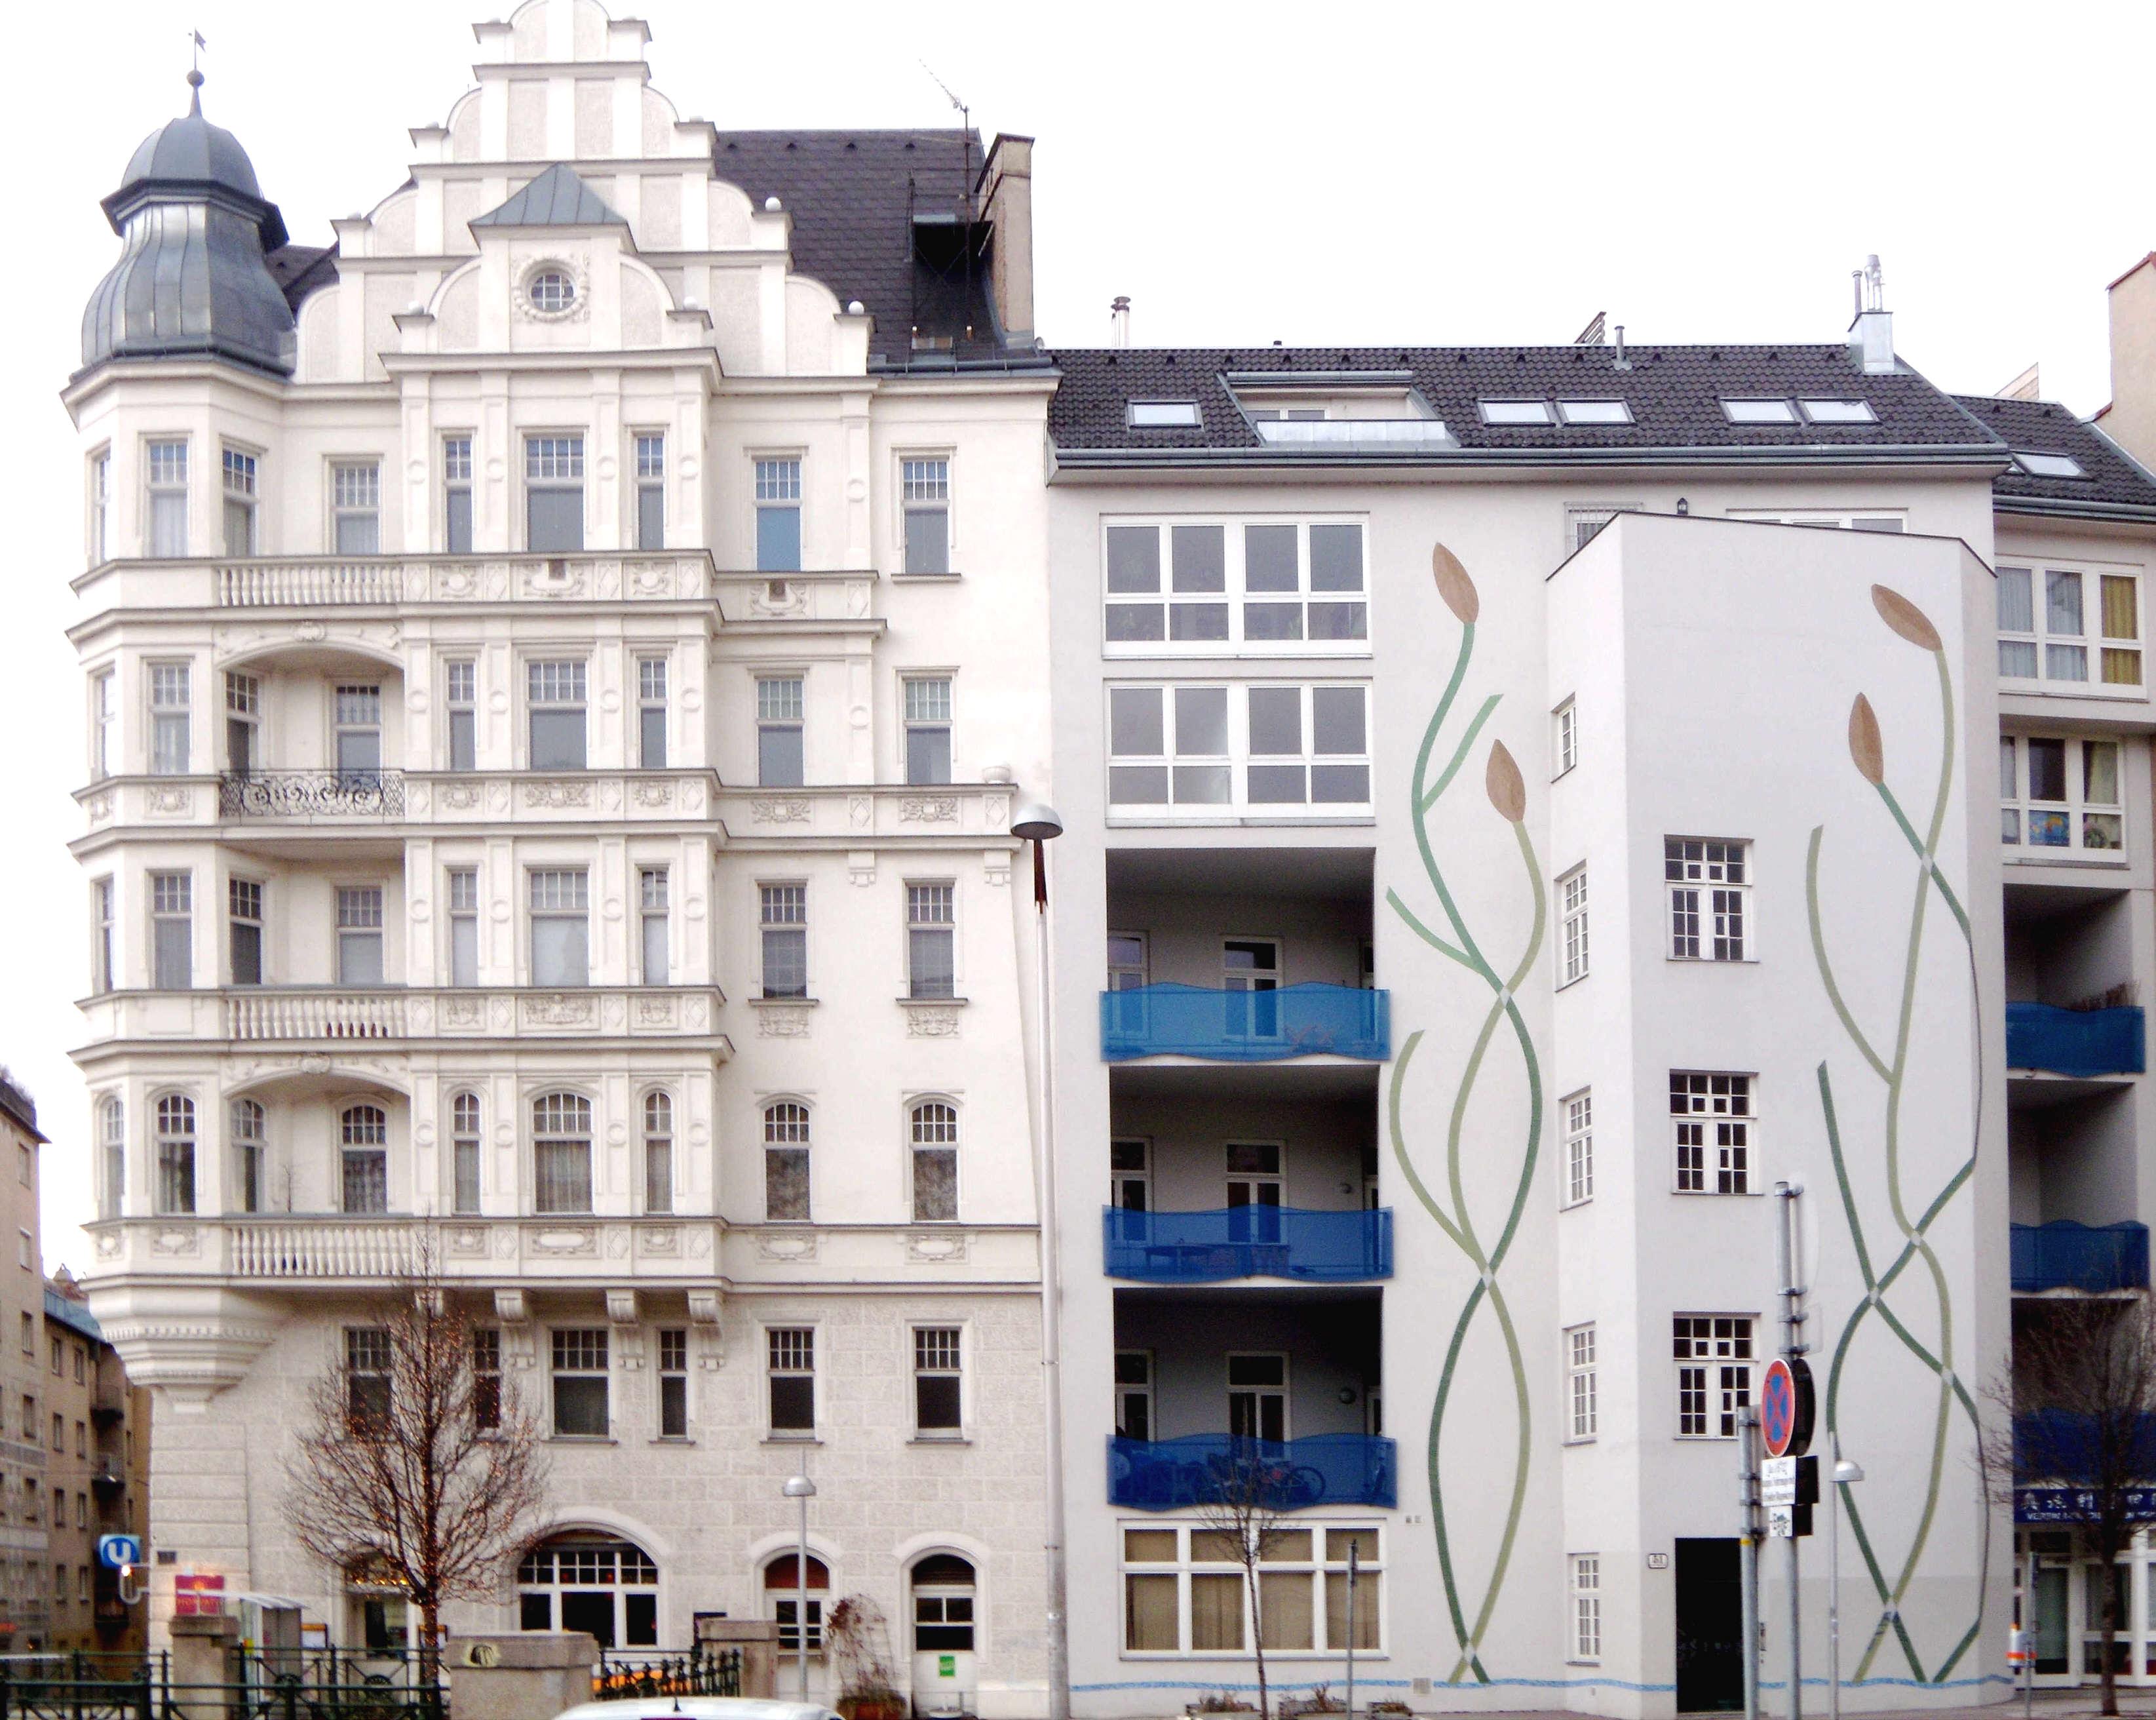 Zwei Mehrfamilien-Häuser, eines klassizistisch, das andere modern